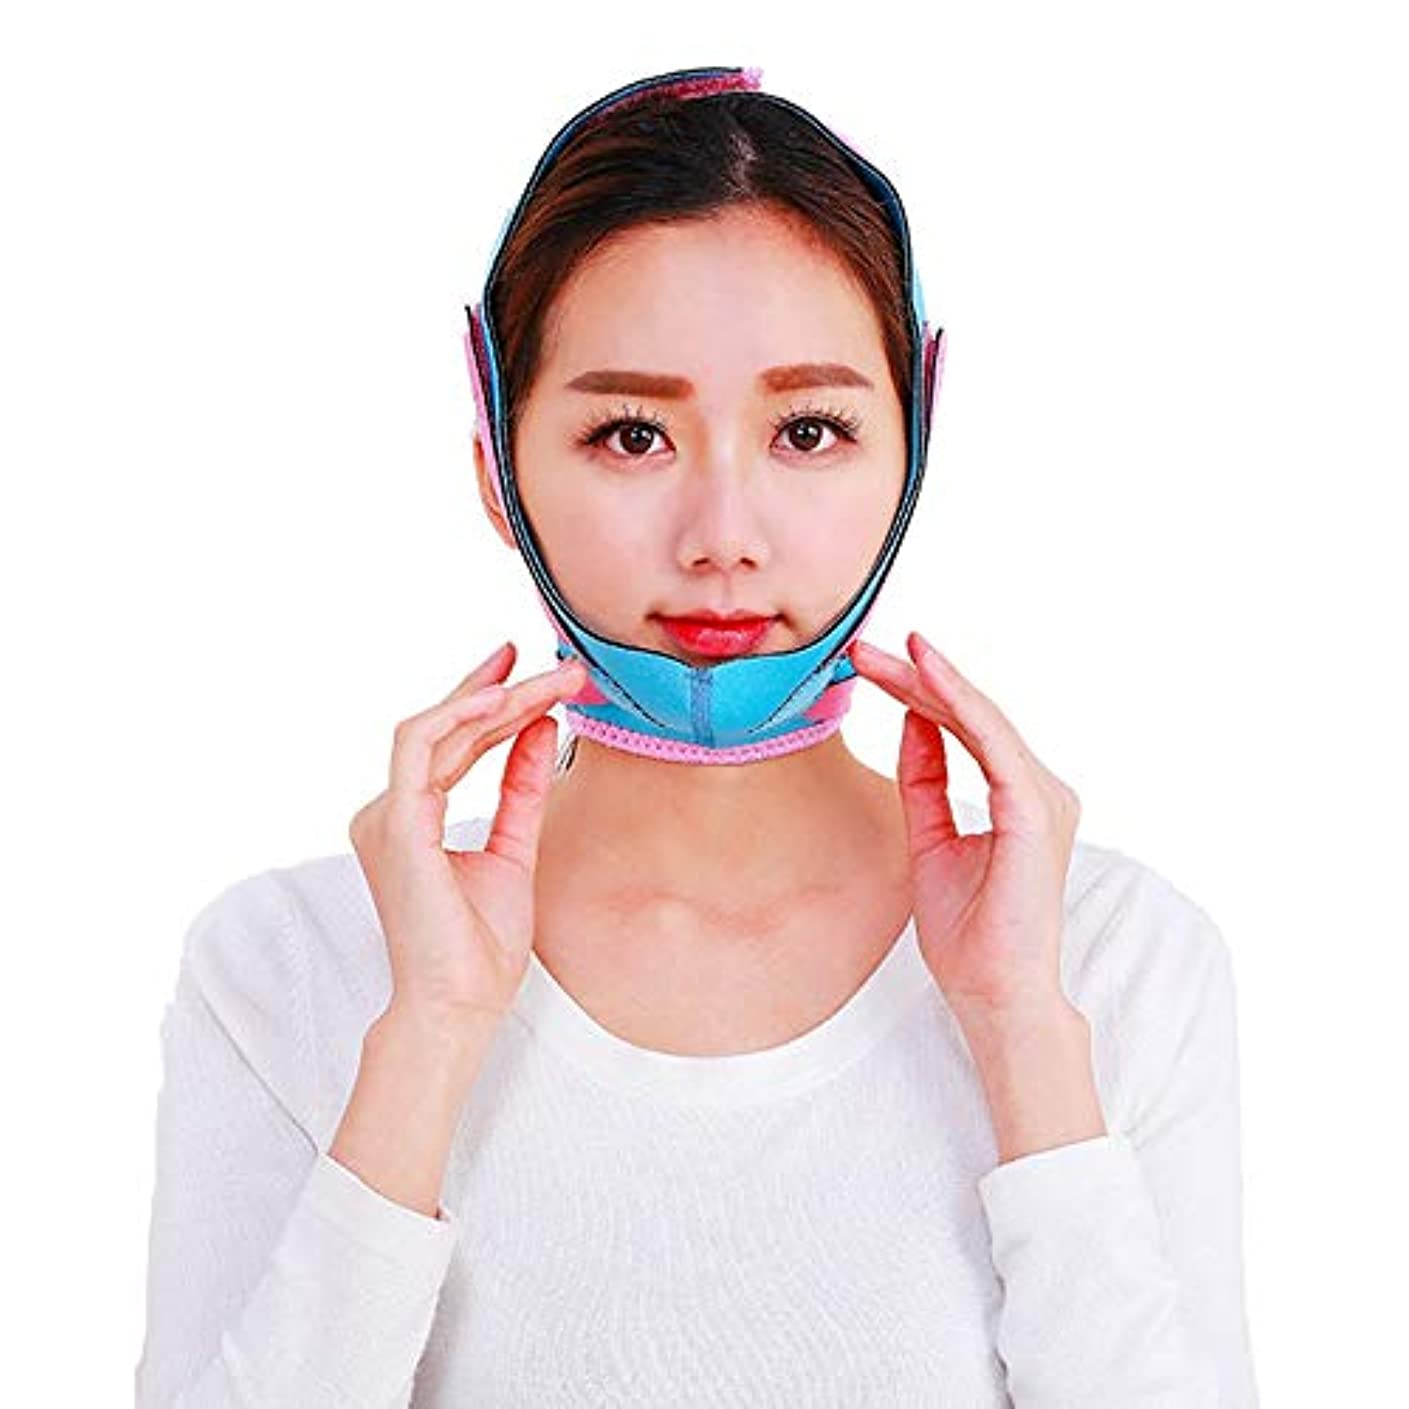 オデュッセウスバーマド拡声器フェイスリフトベルト 薄い顔のベルト - 薄い顔のベルト通気性のある顔の包帯前面のリフティングマスクVの顔薄い面の小さな持ち上げツール